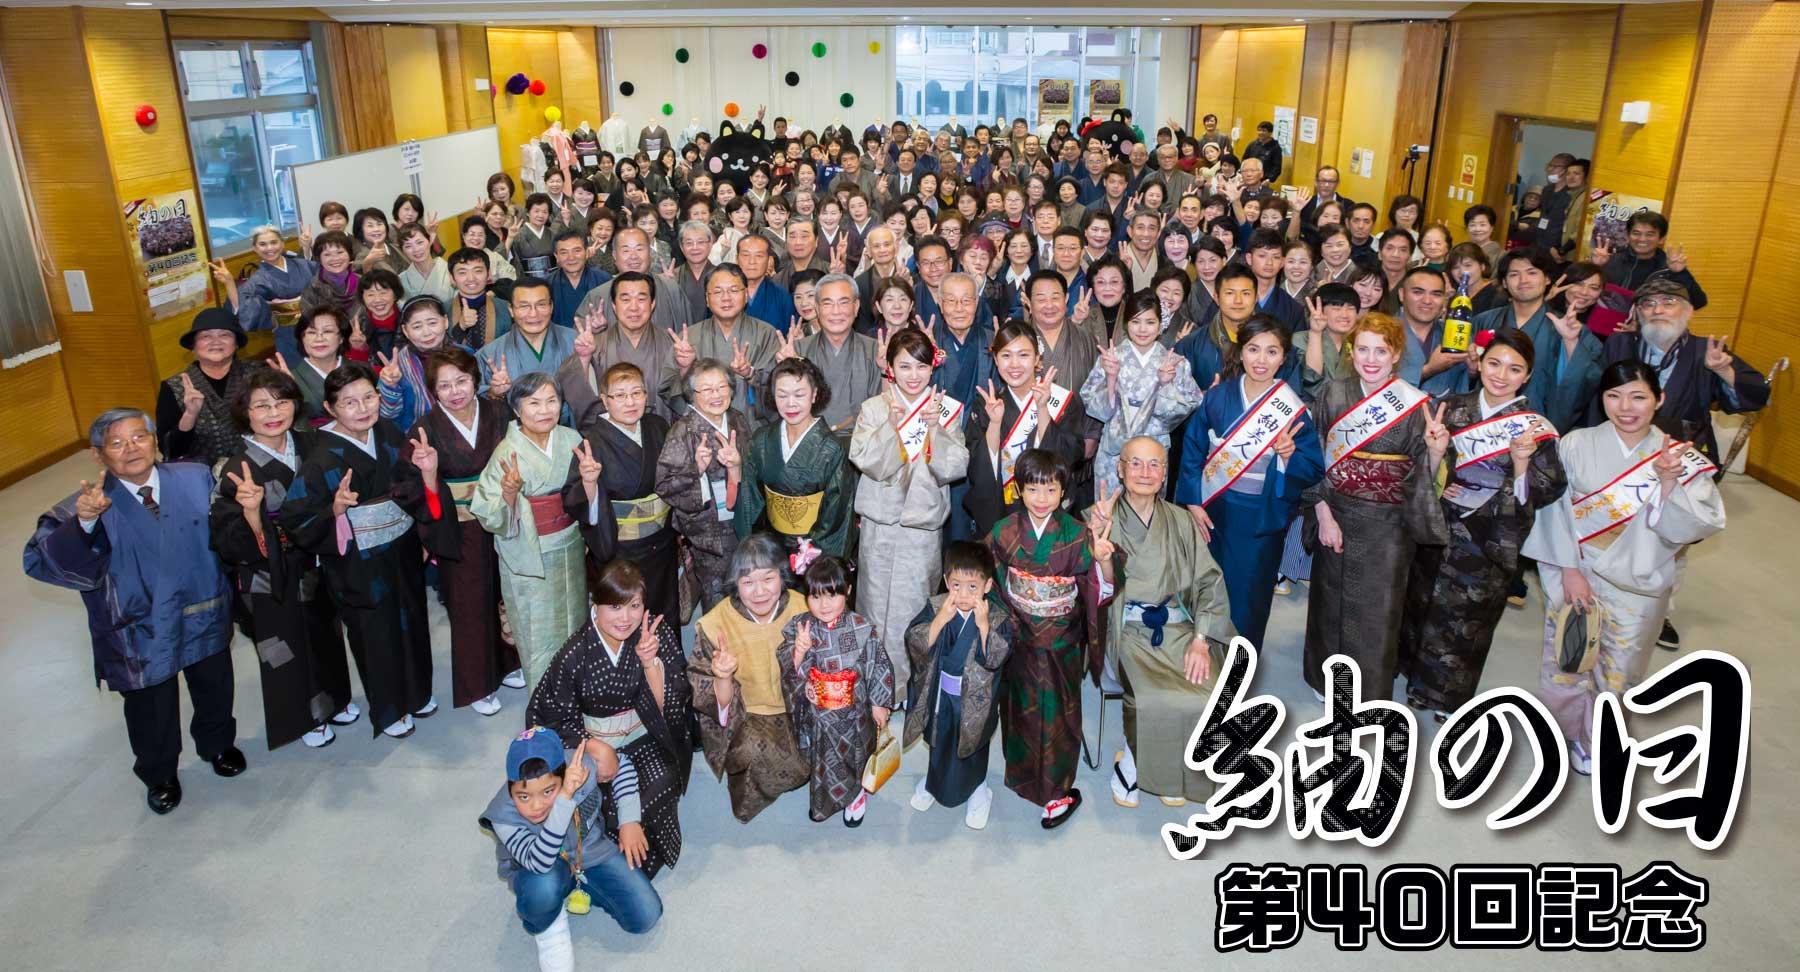 第40回記念「紬の日 」良いイベントでした!